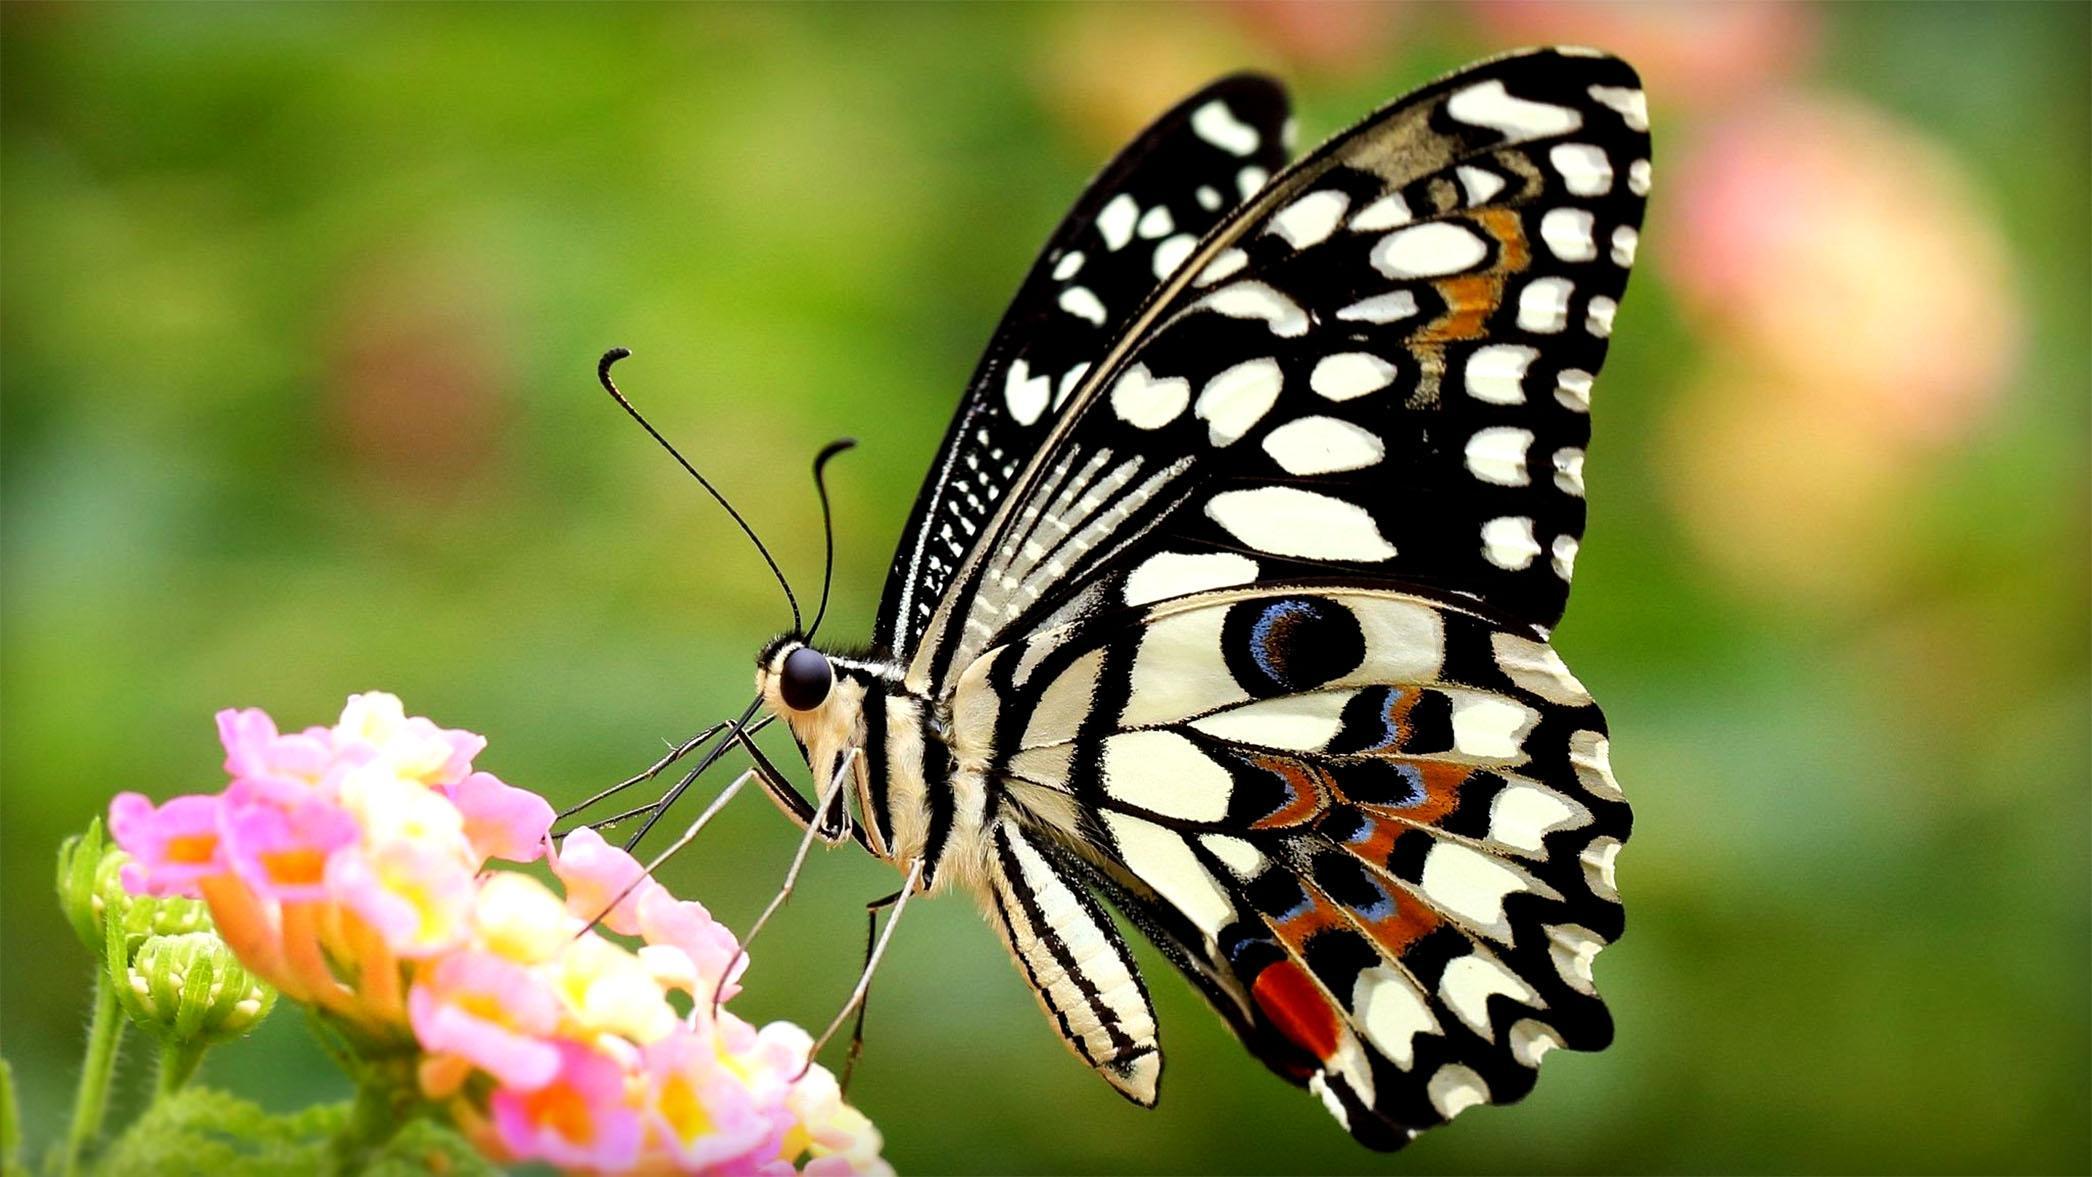 Помнит ли бабочка то, что узнала гусеницей?